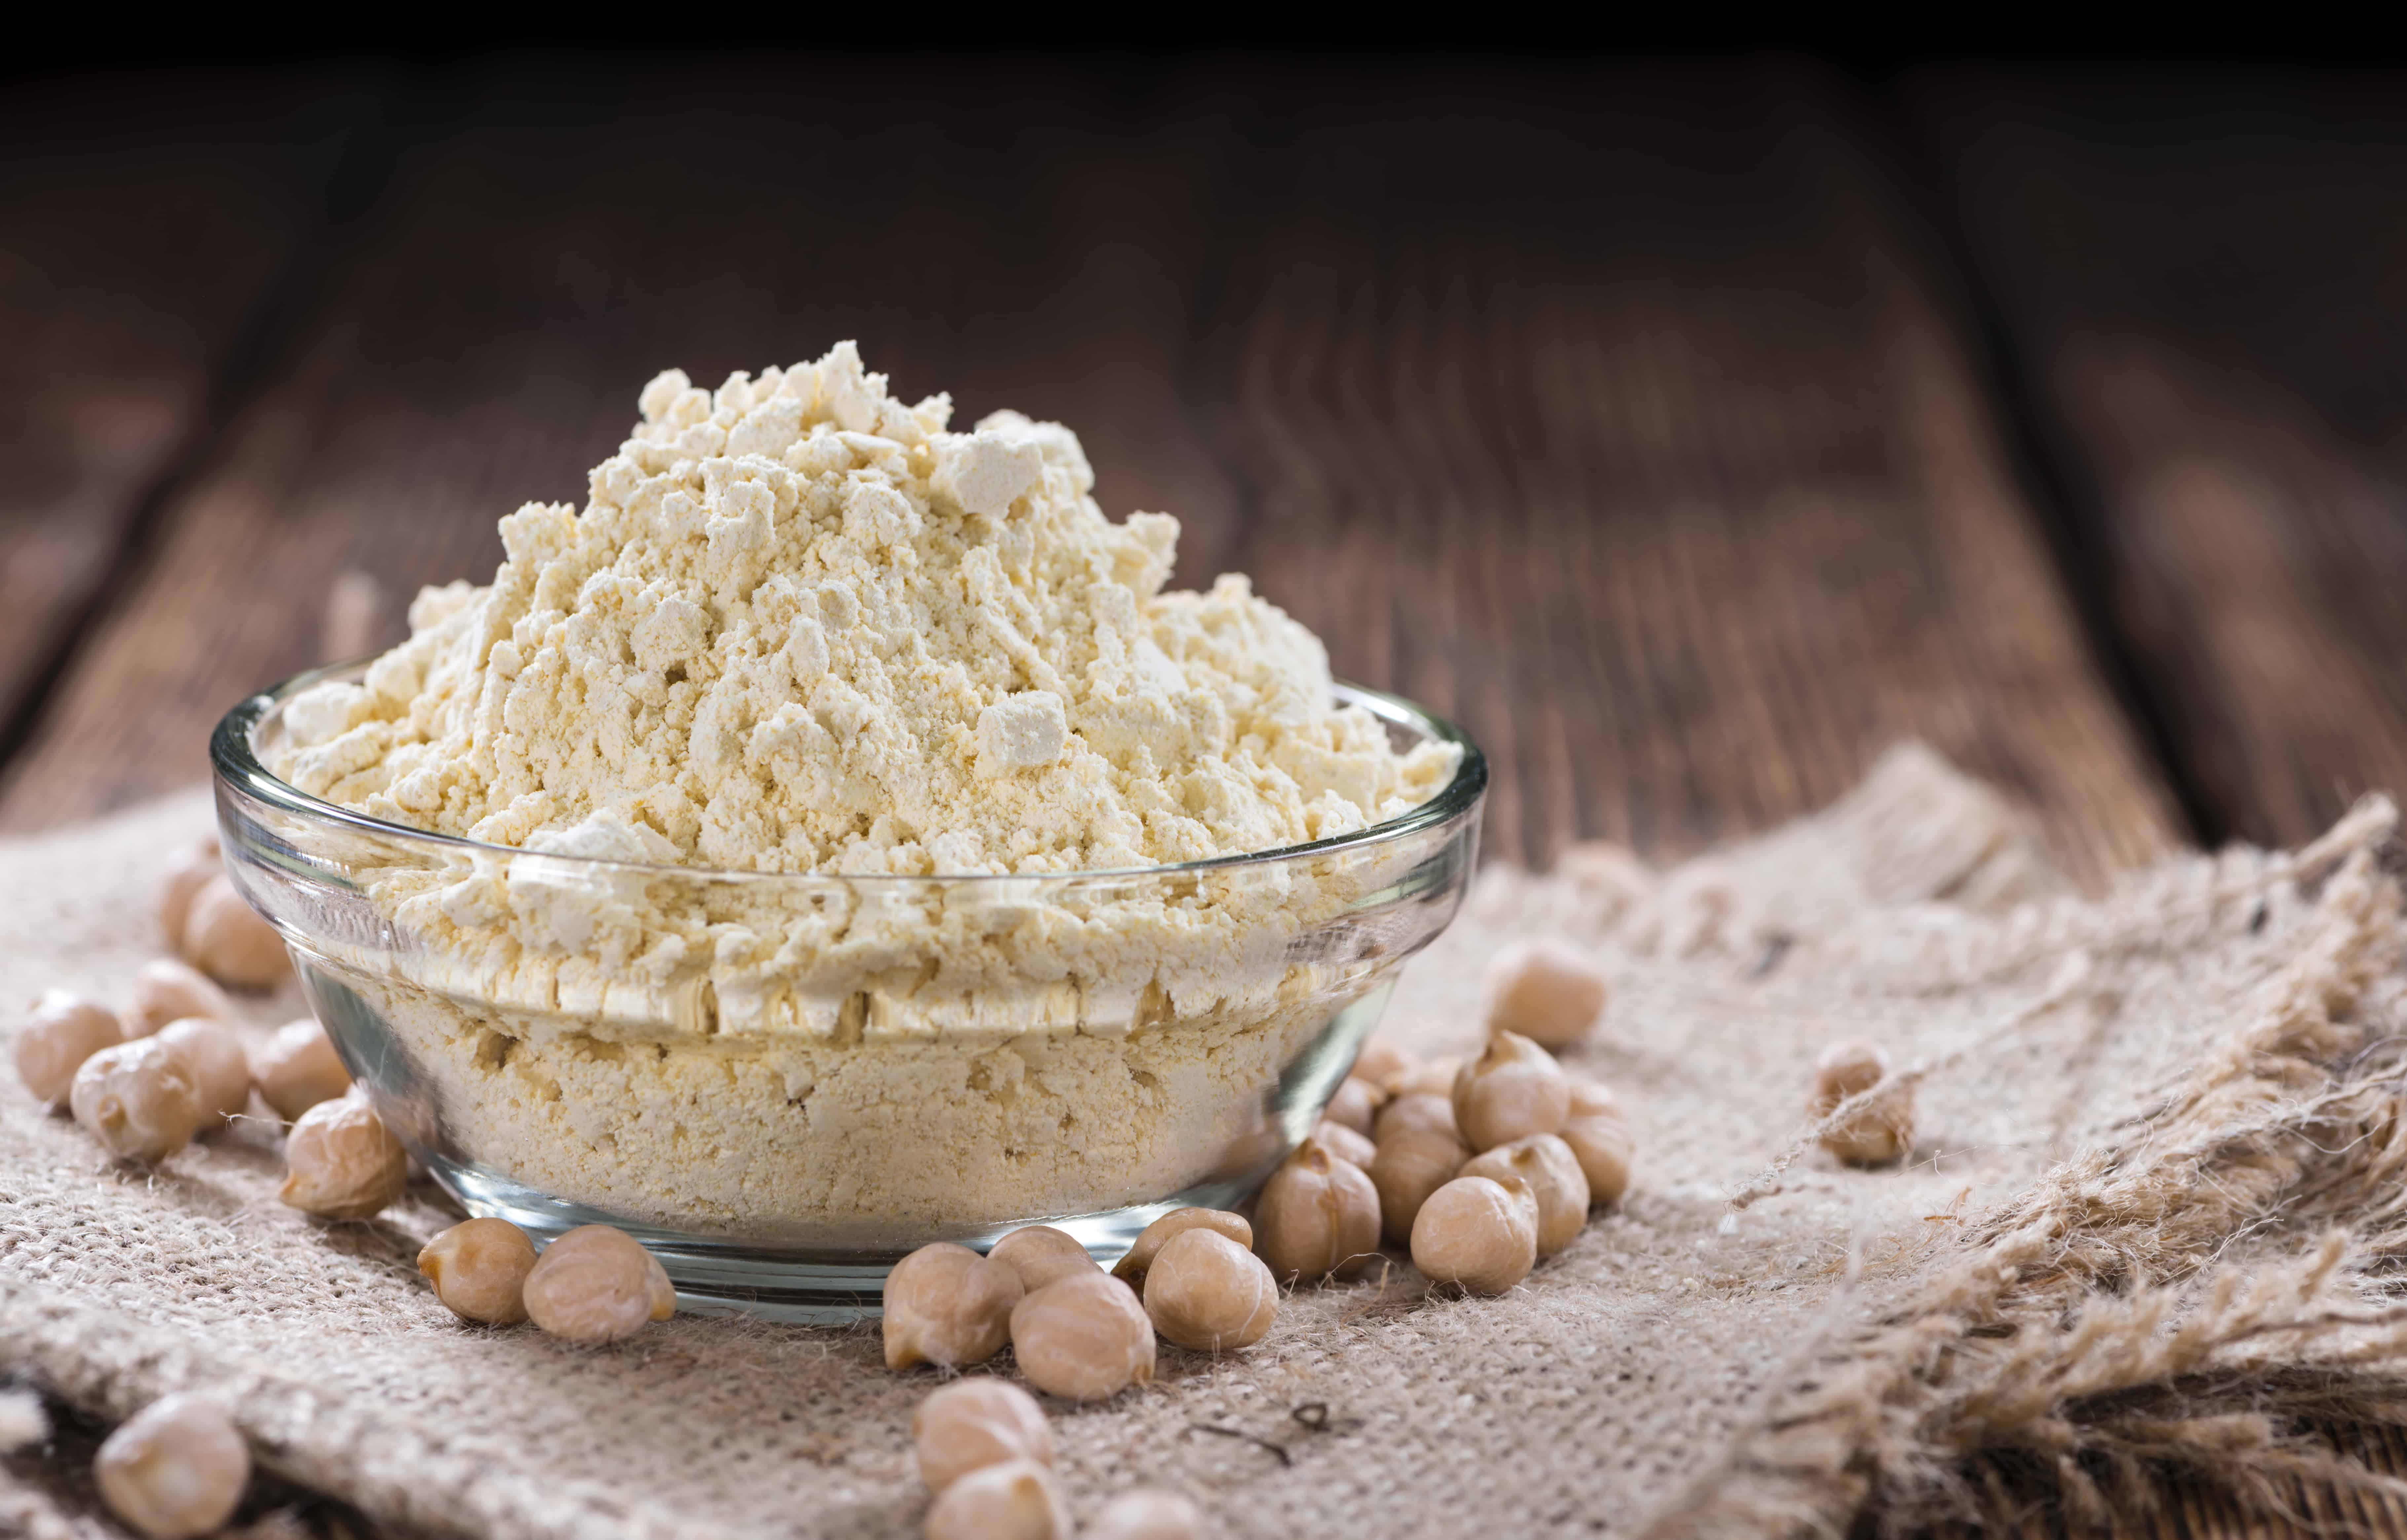 Miglior integratore di proteine vegane 2020: Guida all'acquisto